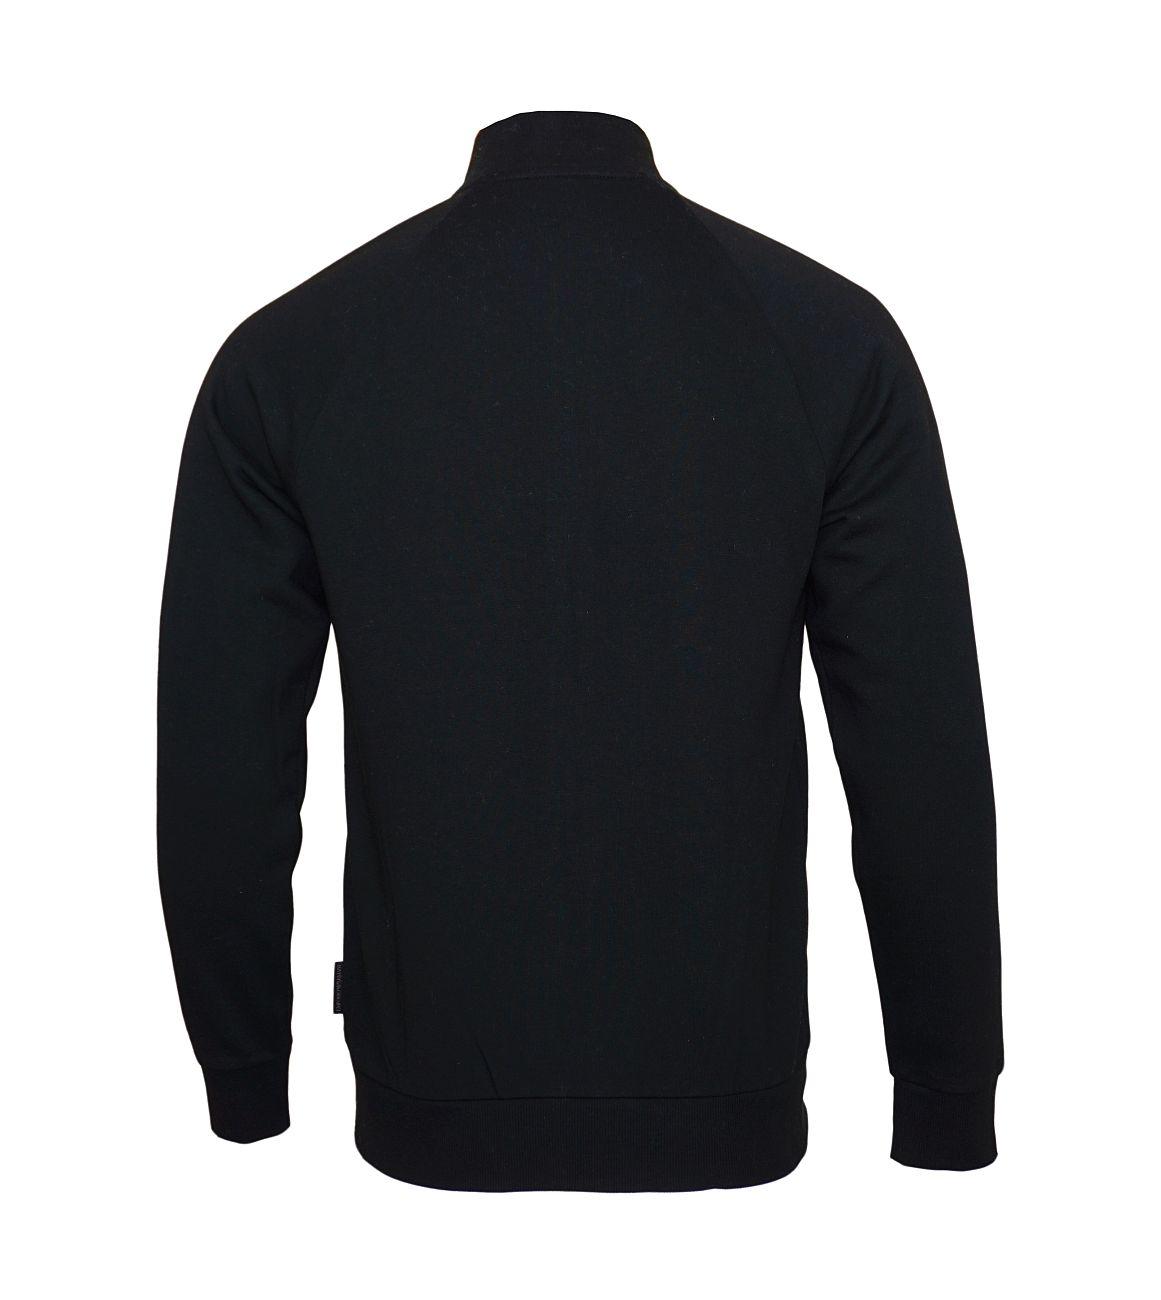 Emporio Armani Sweater Jacke mit Reißverschluss 111570 8A571 00020 NERO SH18-EAS1